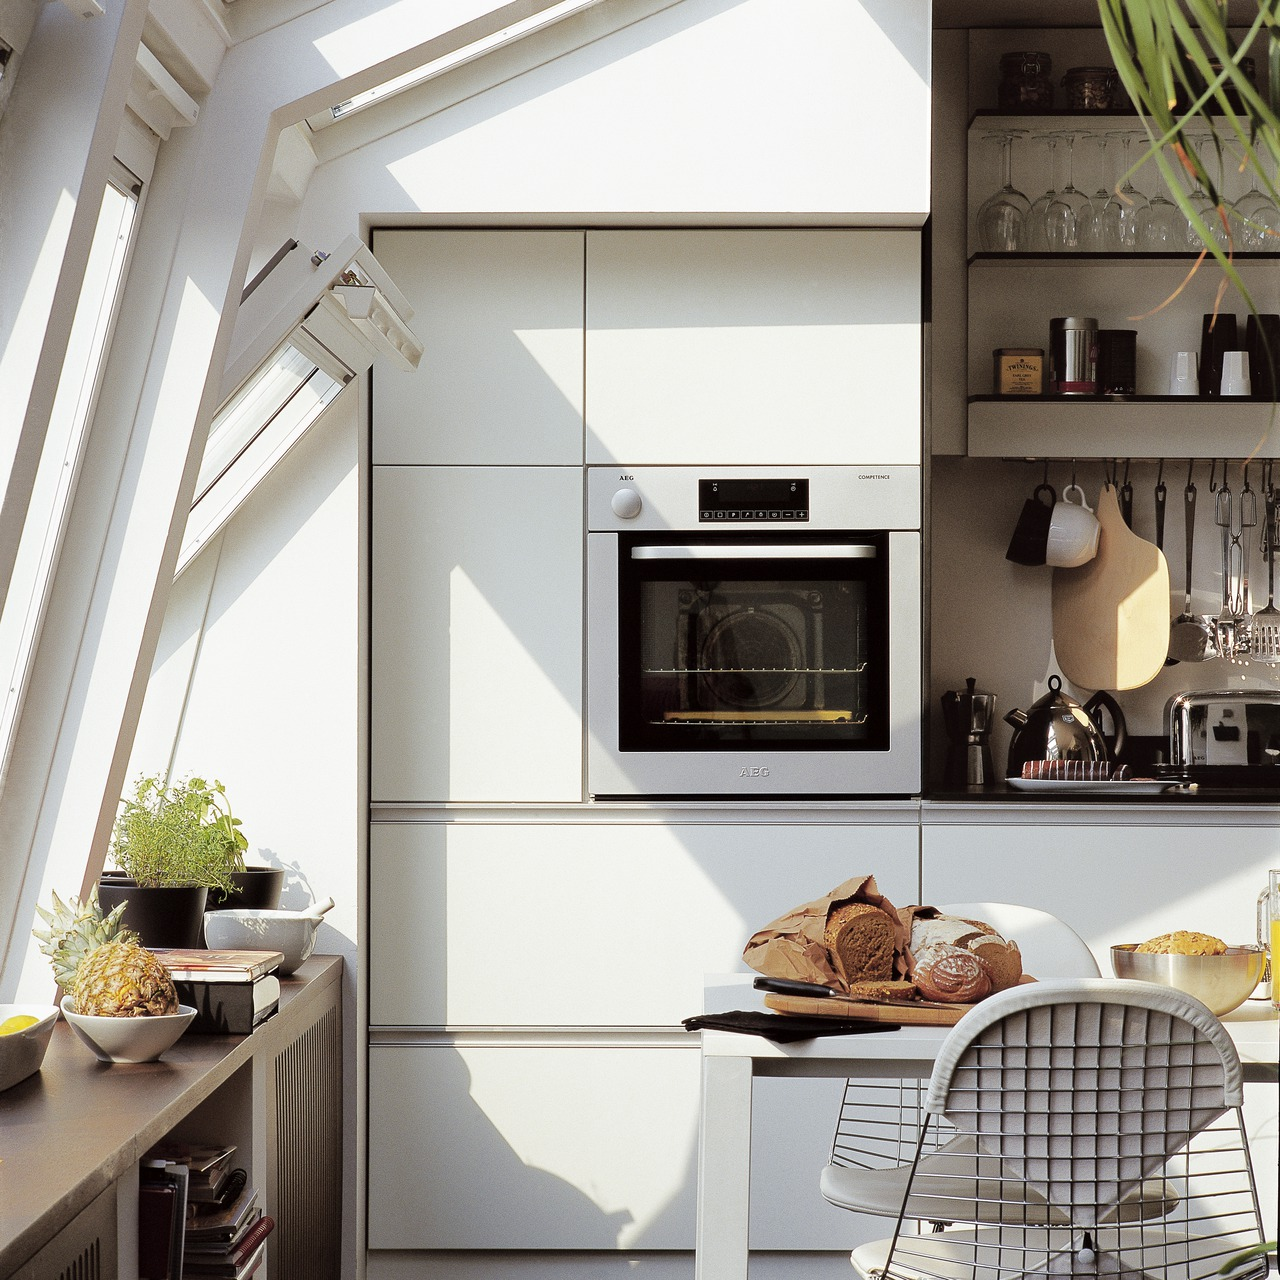 Progettare la cucina in mansarda - Progettare la cucina ...